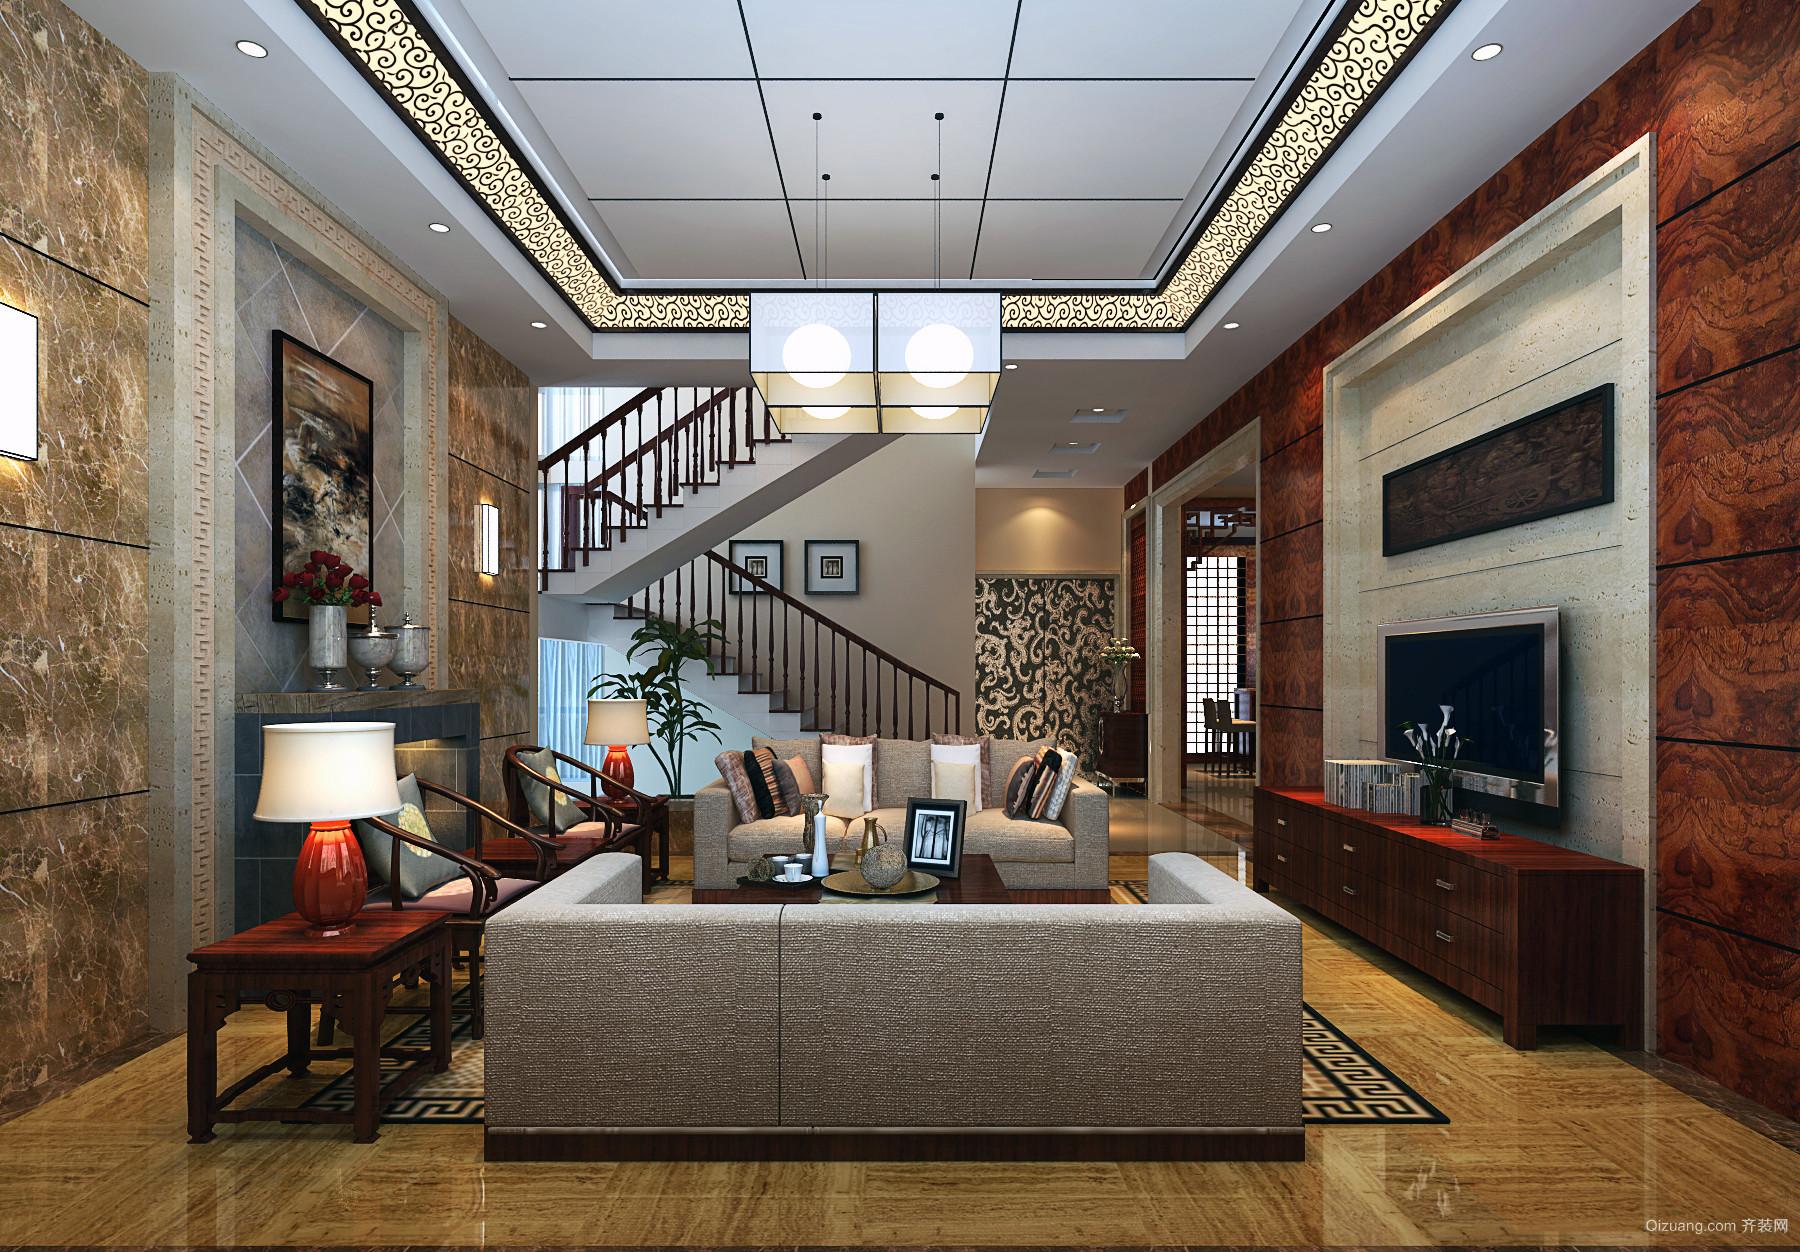 110㎡小户简欧复式洋房客厅吊顶装修效果图